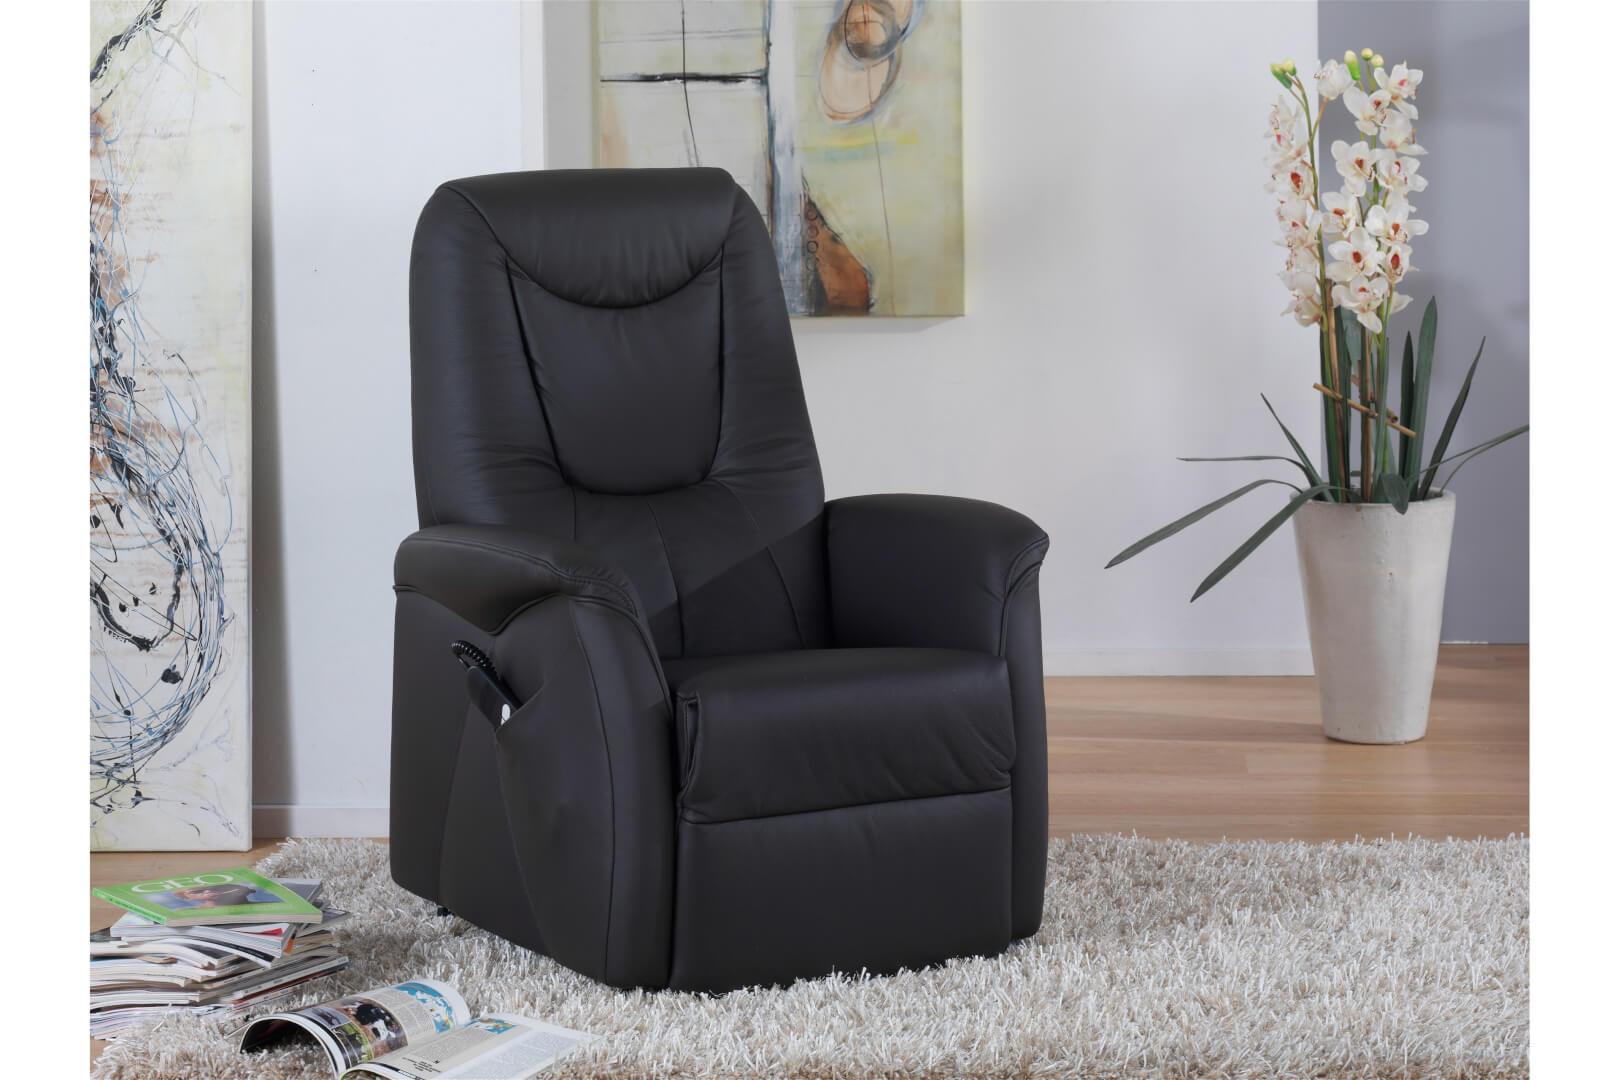 9771 9771 TV-Sessel - 46 - 2-motorisch mit Aufstehhilfe - Nuvano Impala - Schlamm